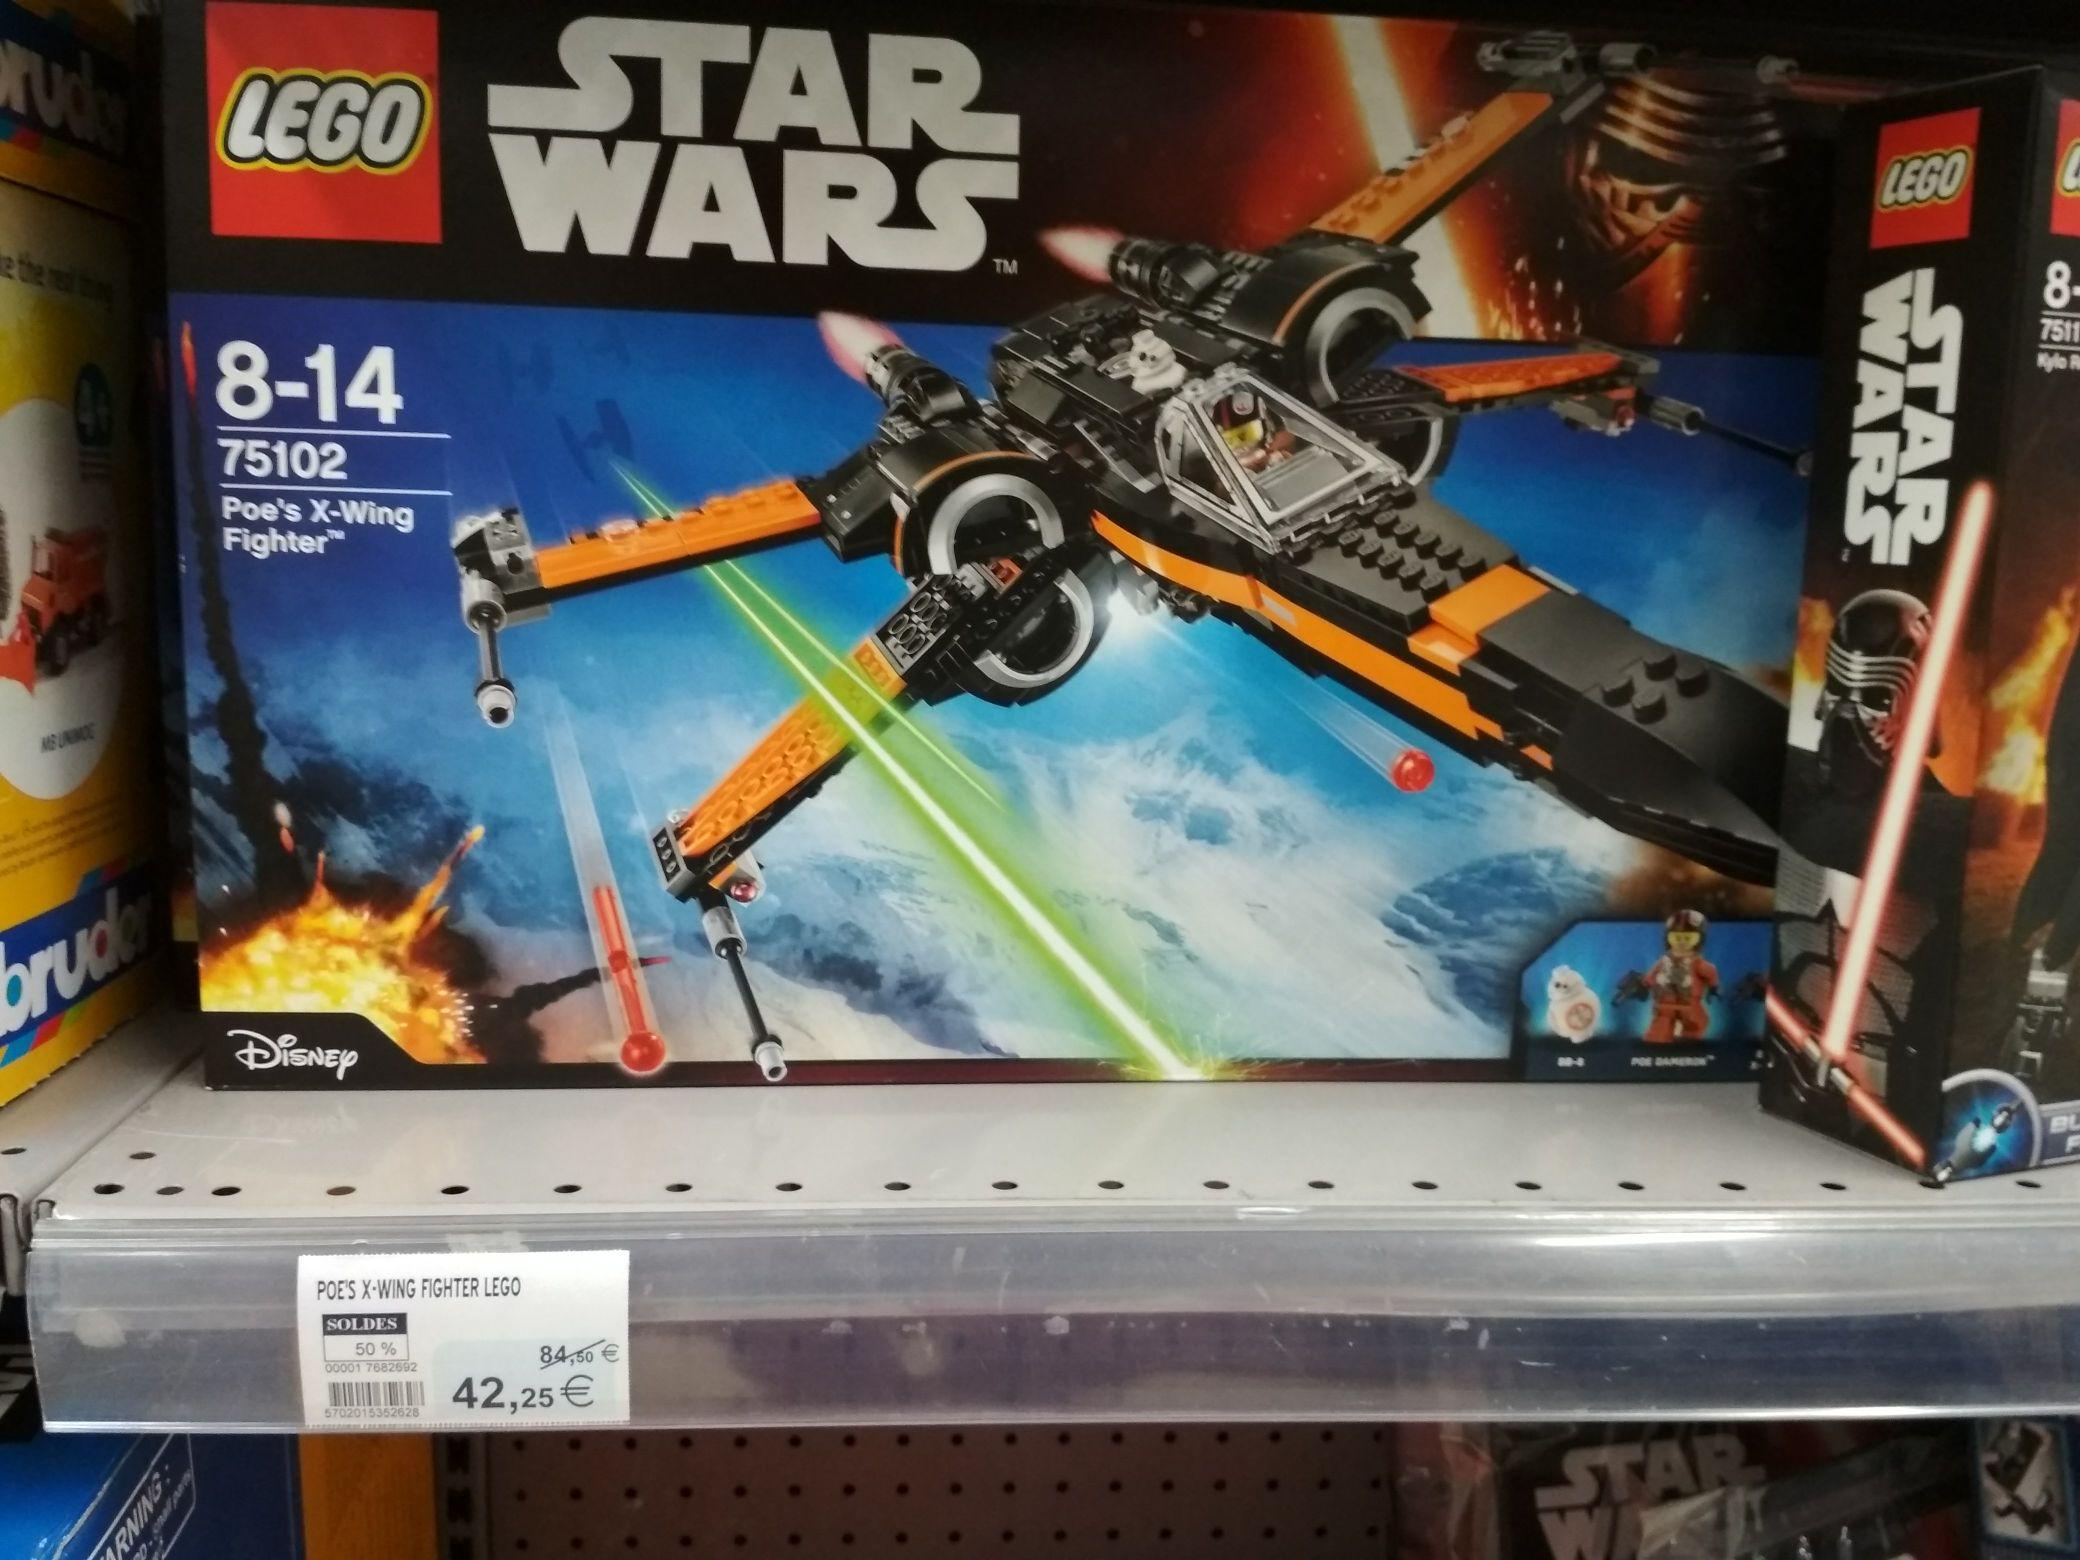 50% de réduction sur les LEGO Star Wars -  Ex : X-Wing Poe's Fighter  - SuperU Ancenis (44)